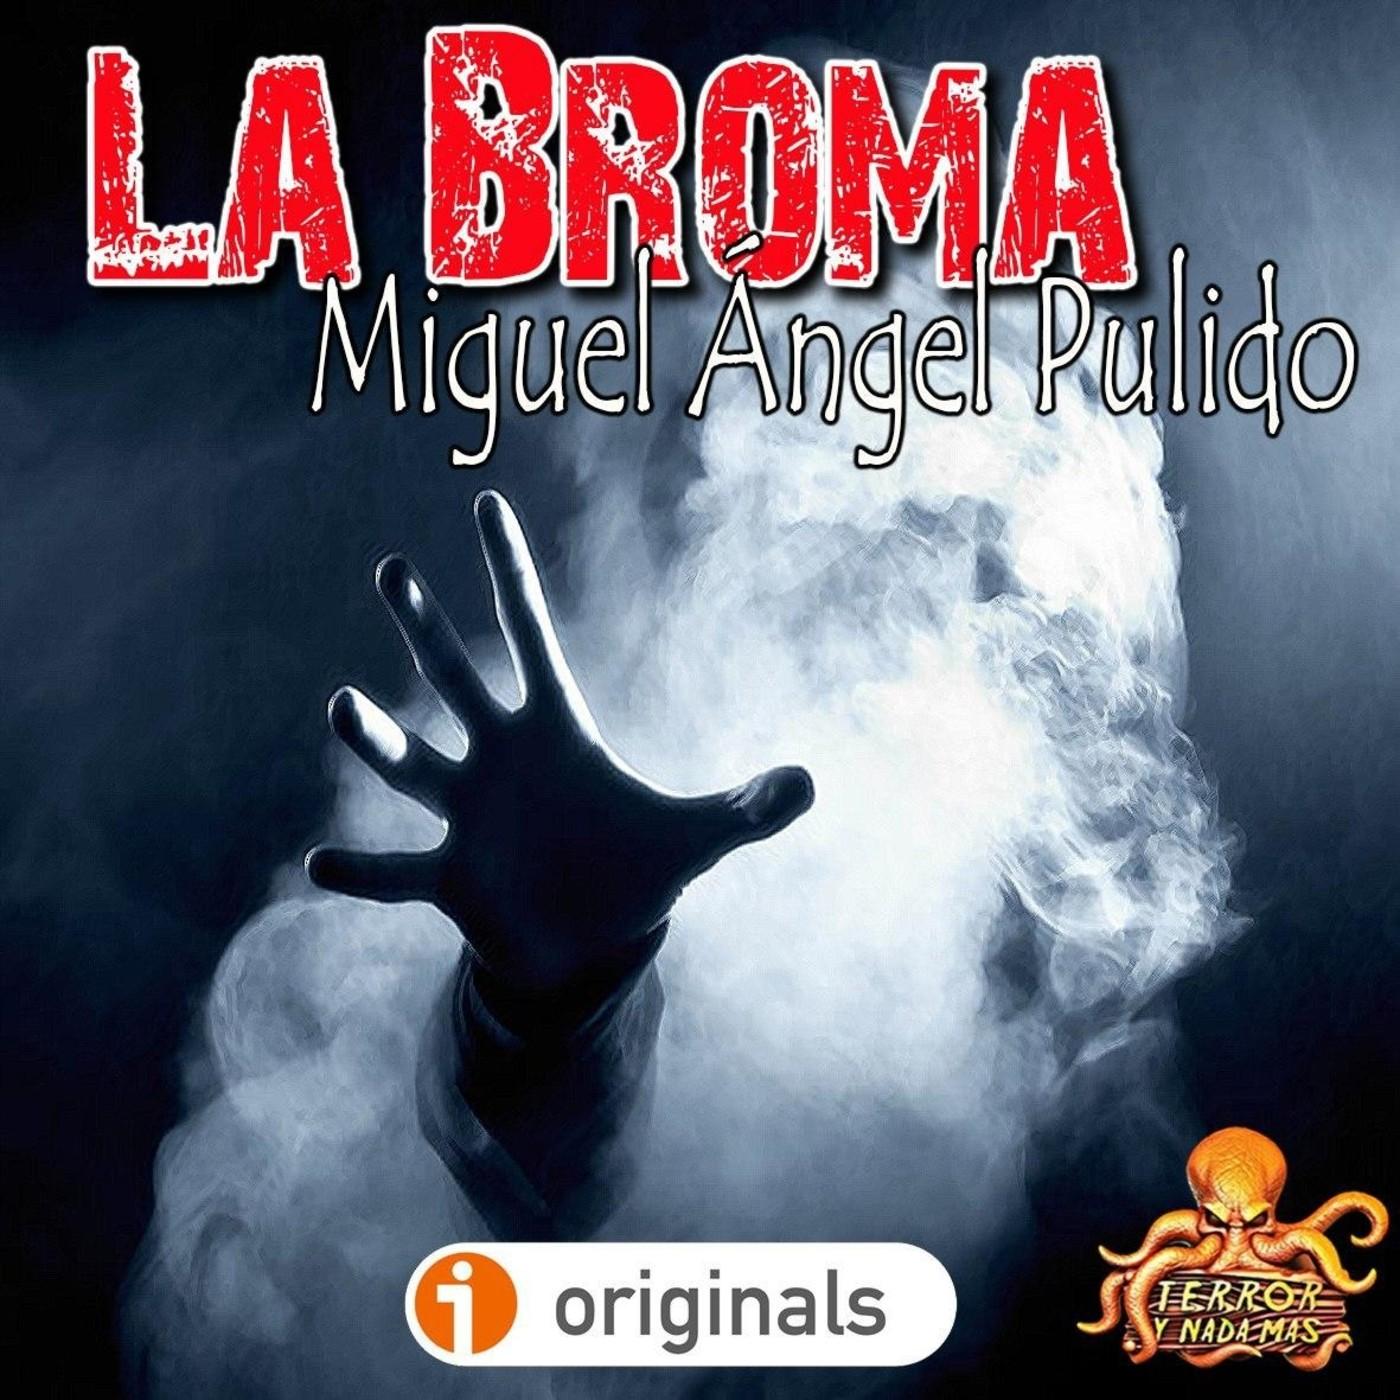 La Broma (Miguel Ángel Pulido) | Primicia | Ficción sonora - Audiolibro